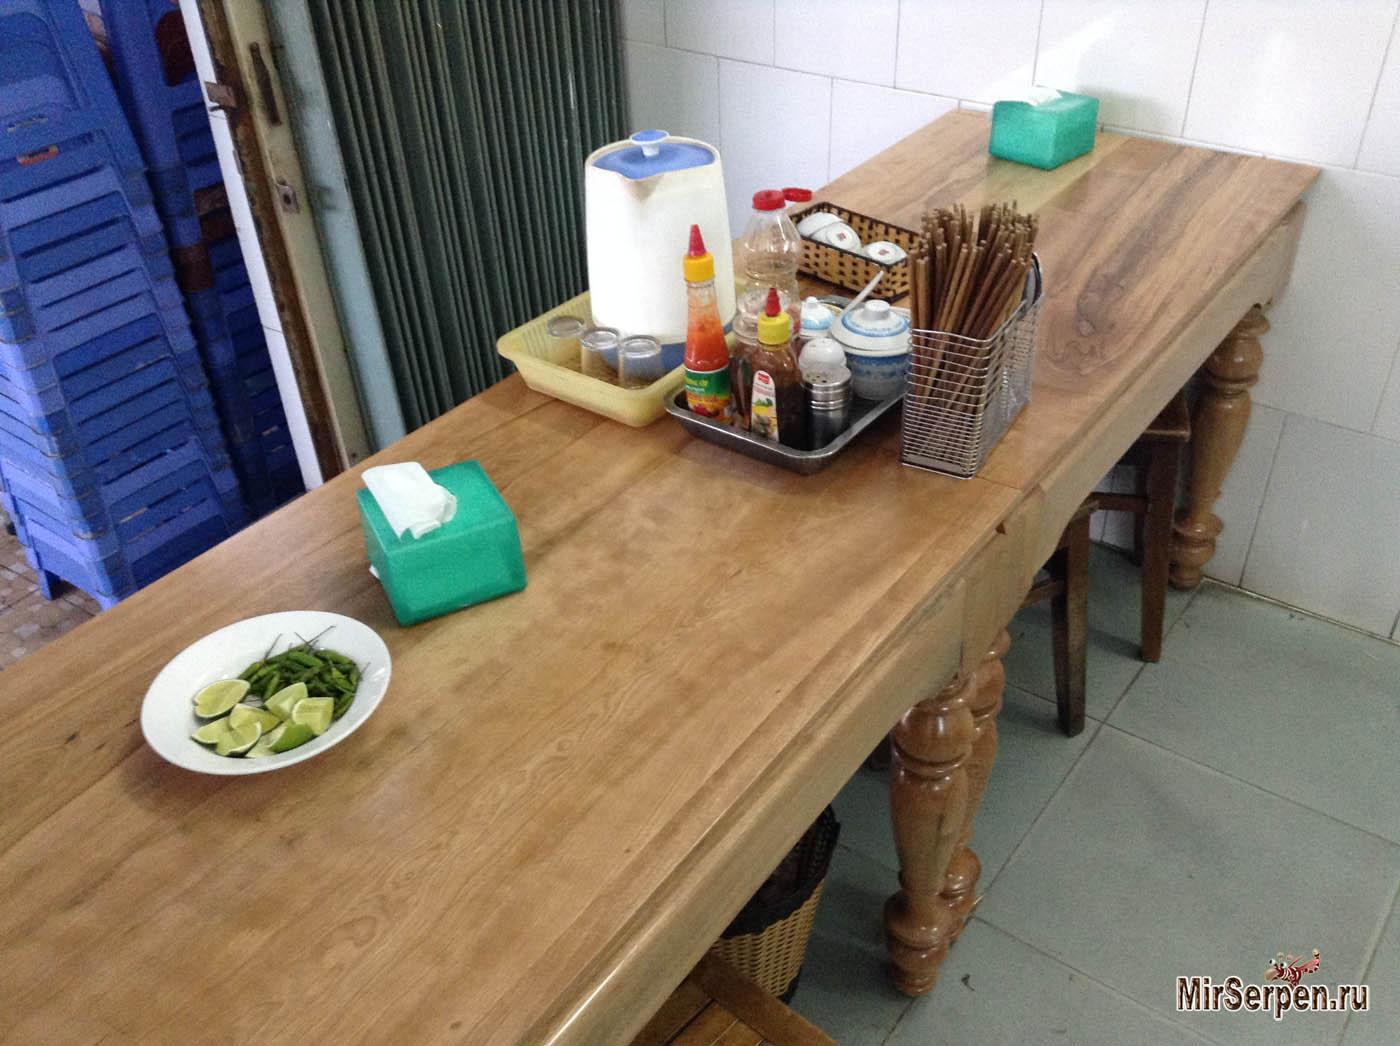 Photo of Вьетнамское правило ведерка под столом